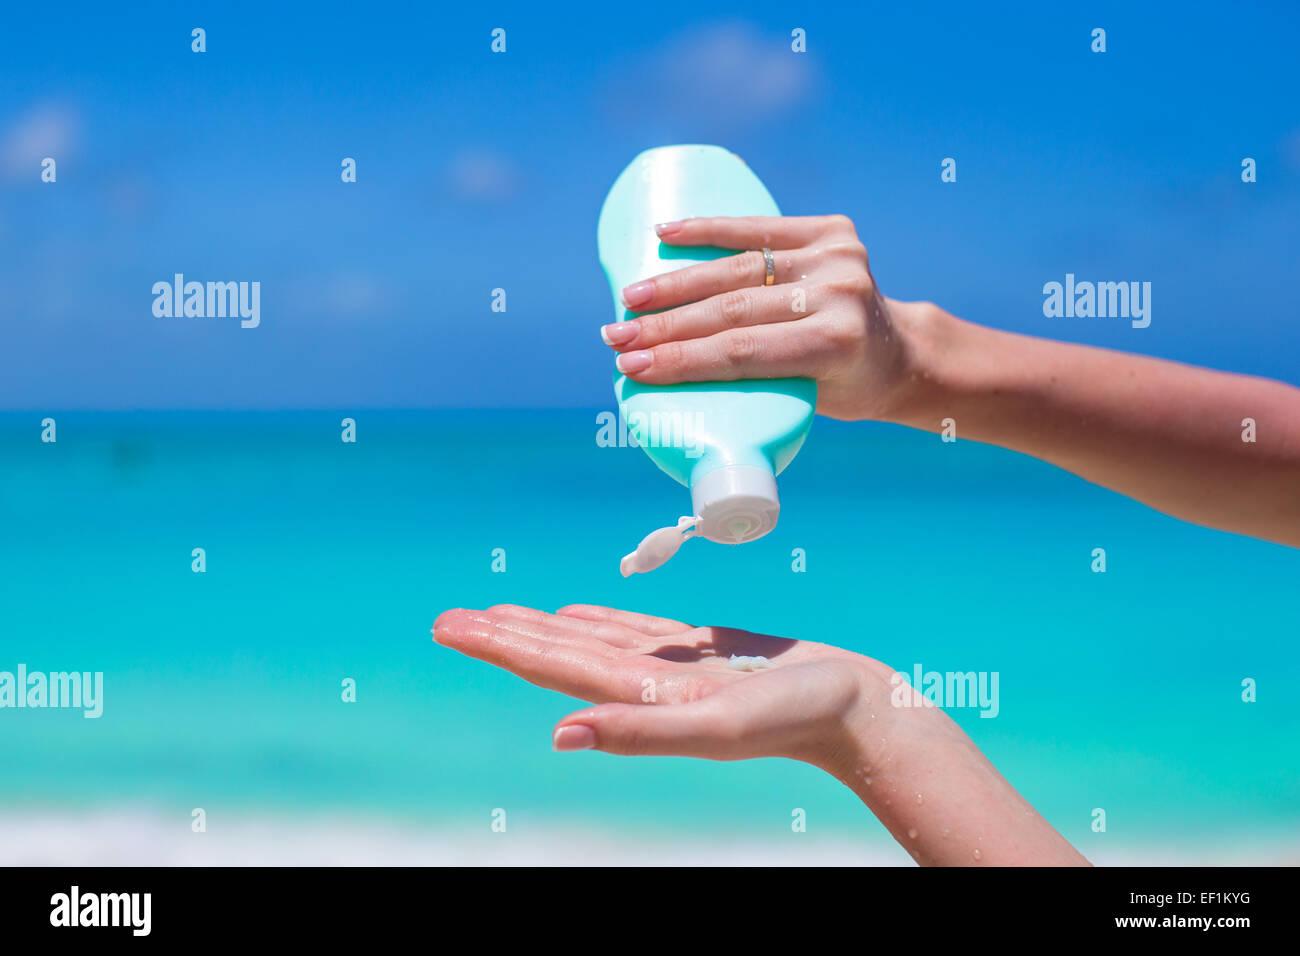 Closeup on female hand squeezing sun cream - Stock Image